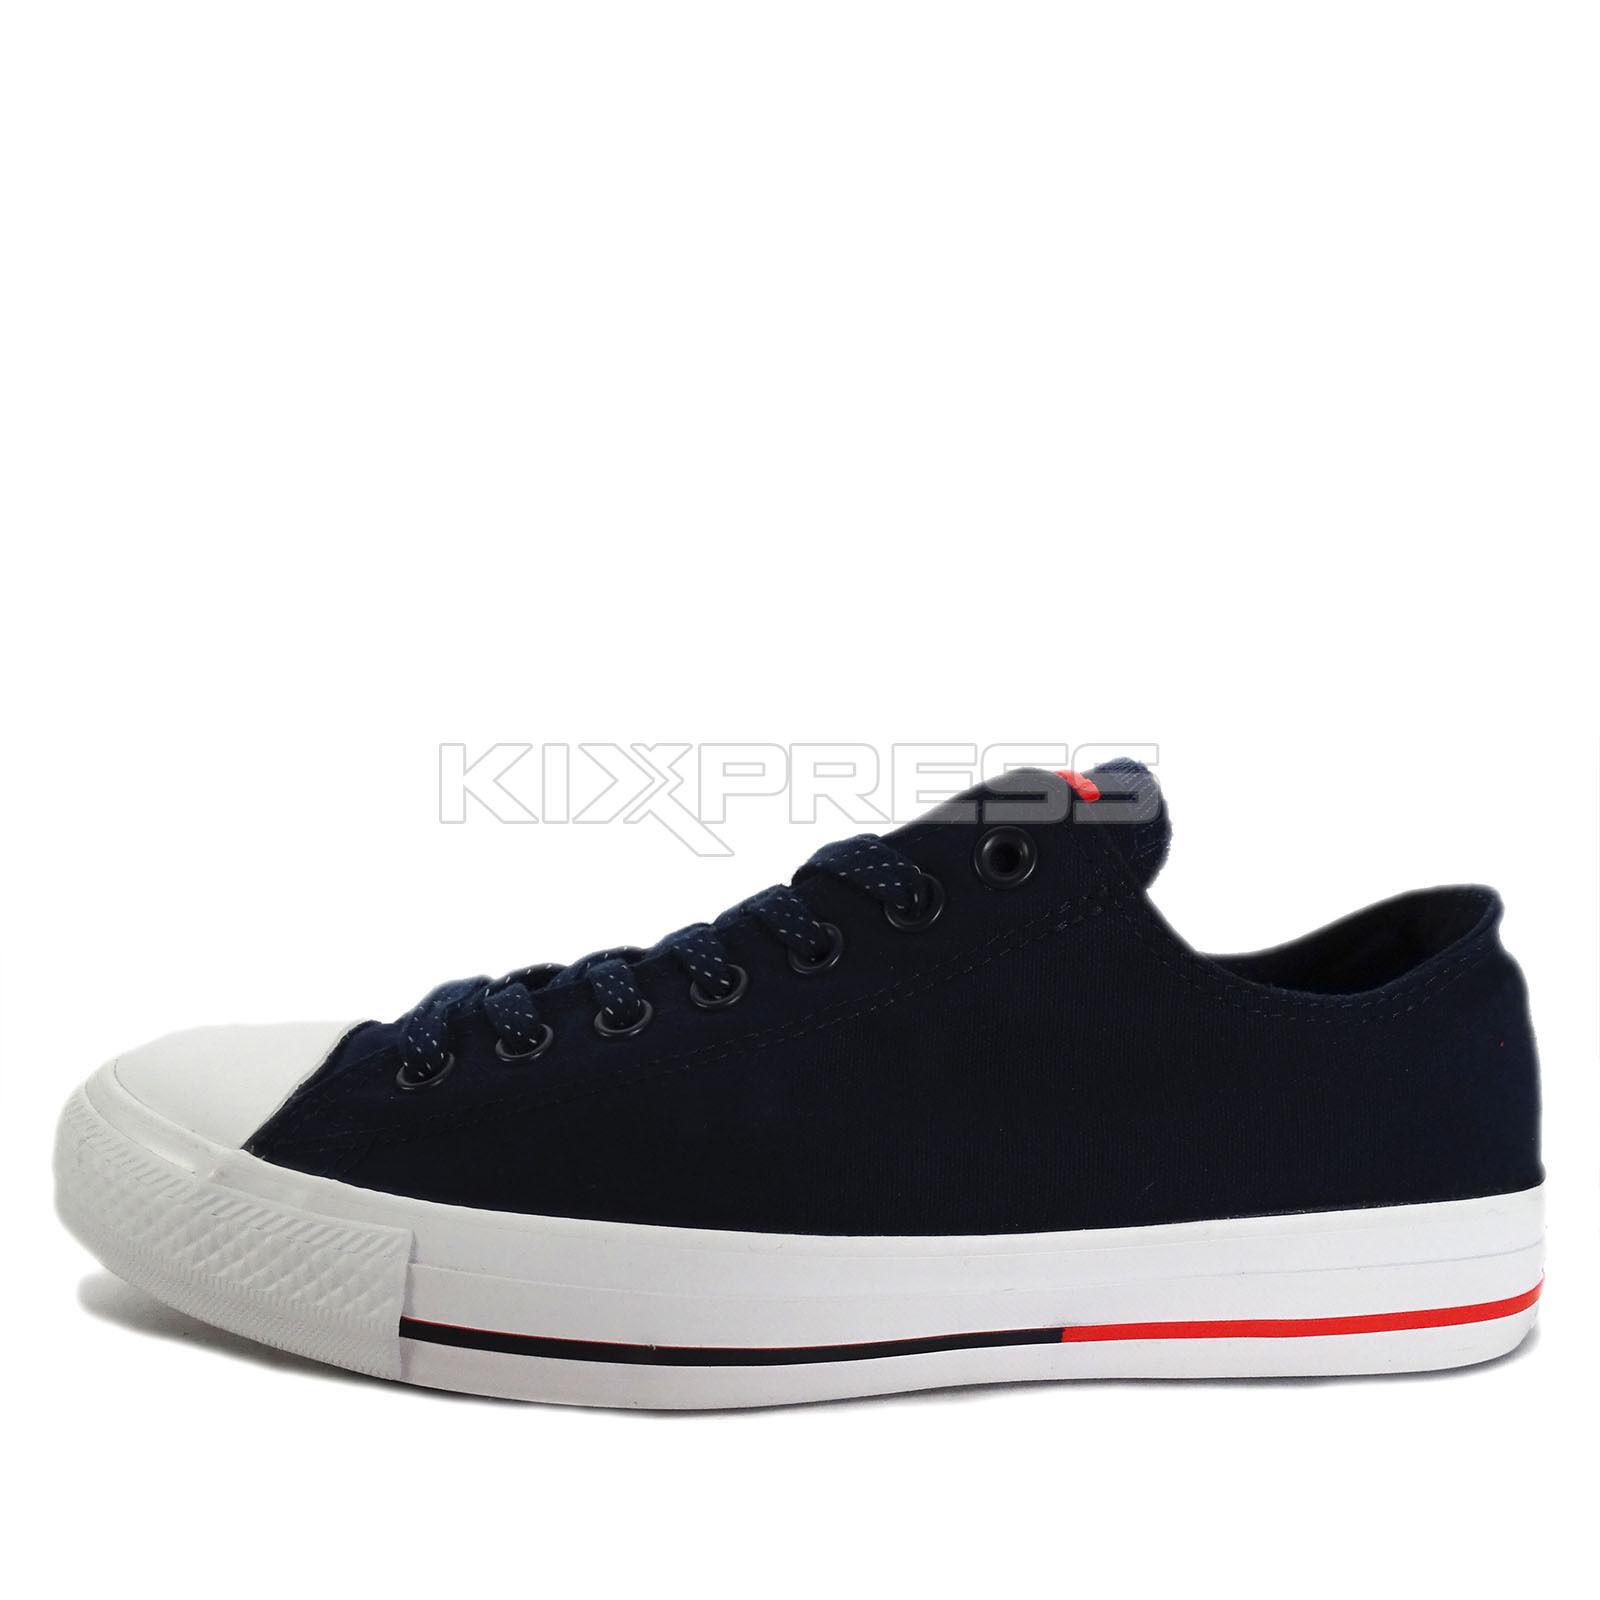 Converse chuck / taylor all star - 153797c] casual marina / chuck bianco - rosso e0f6ce